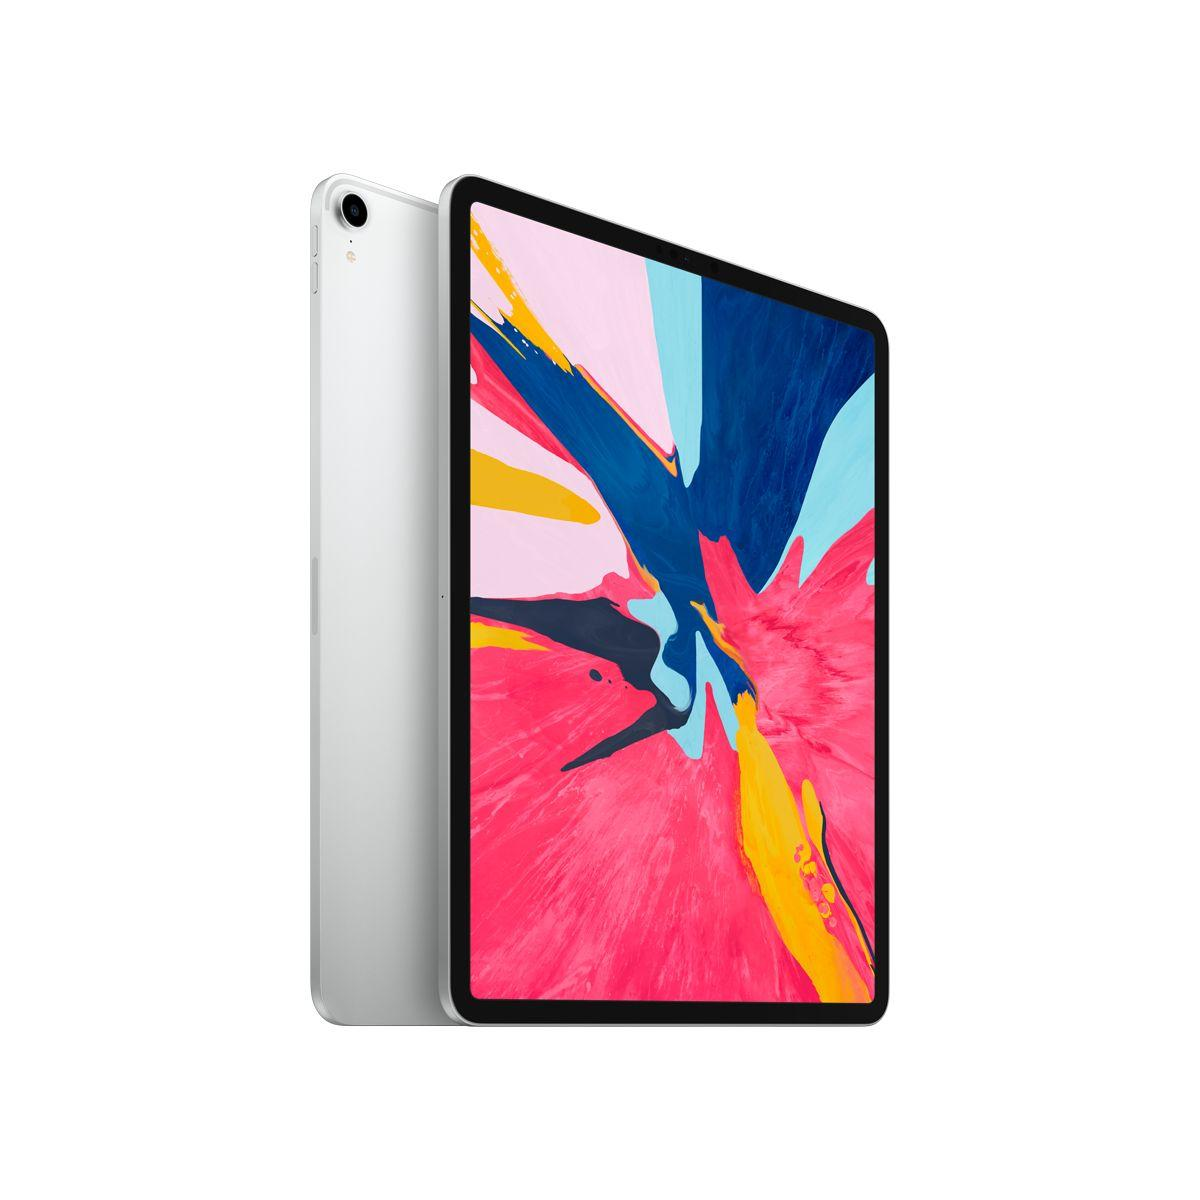 Tablette apple ipad pro new 12.9 1to argent - livraison offerte : code livrelais (photo)